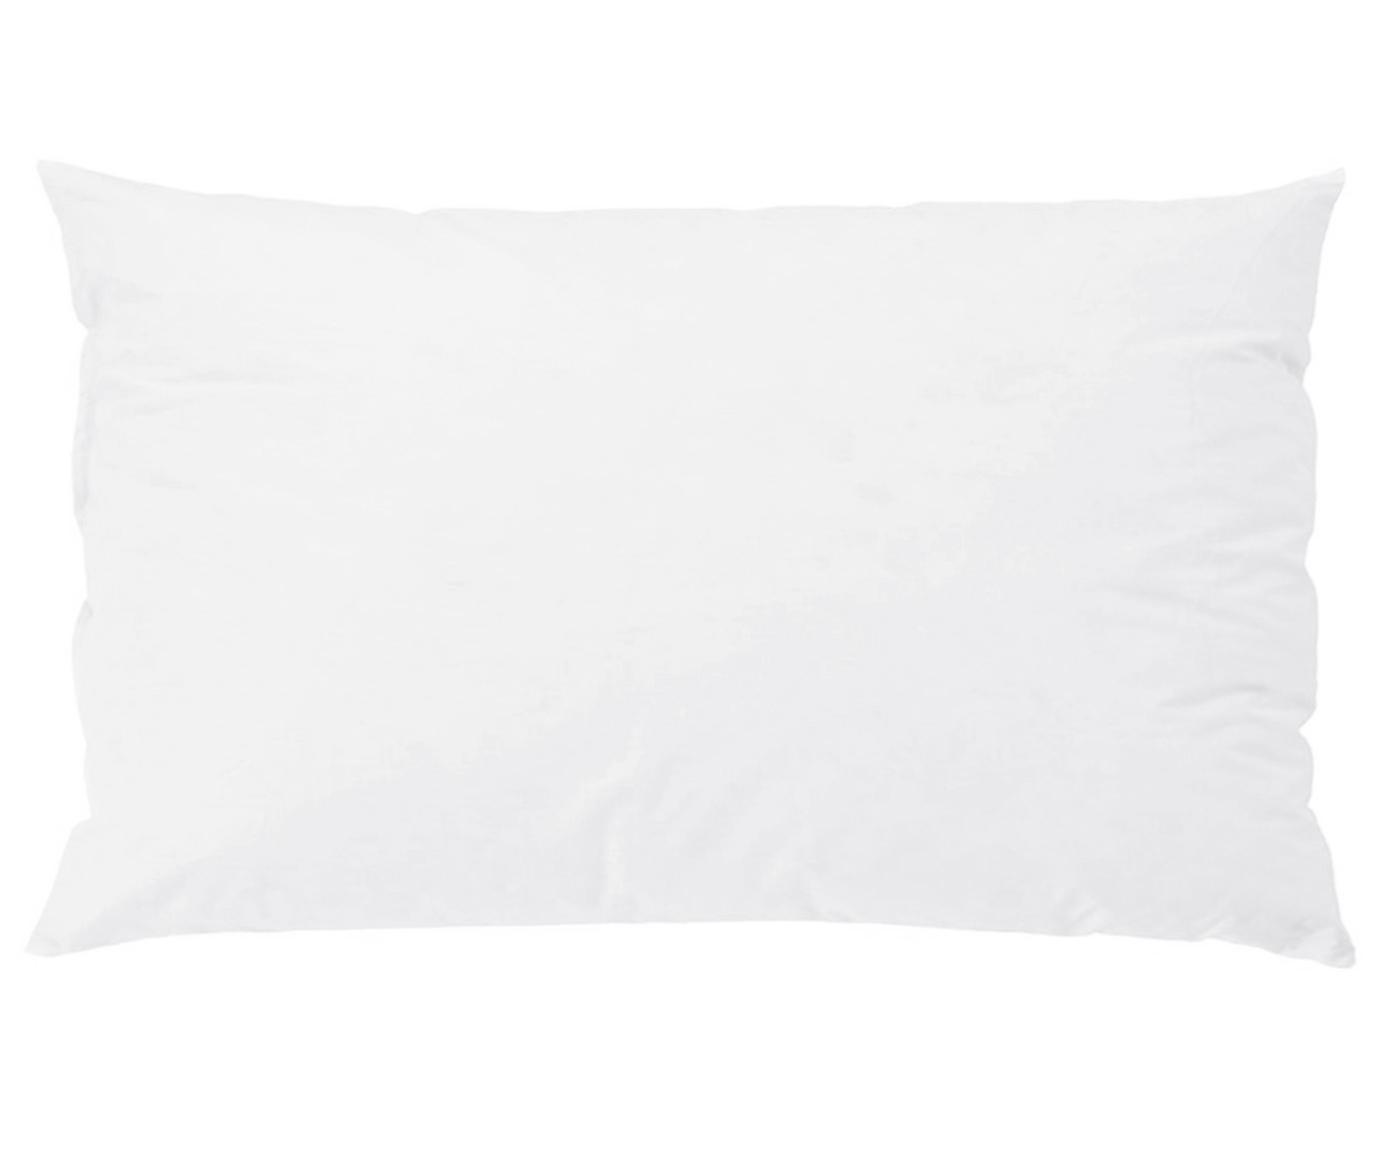 Sierkussenvulling Komfort, 30 x 50, Wit, 30 x 50 cm